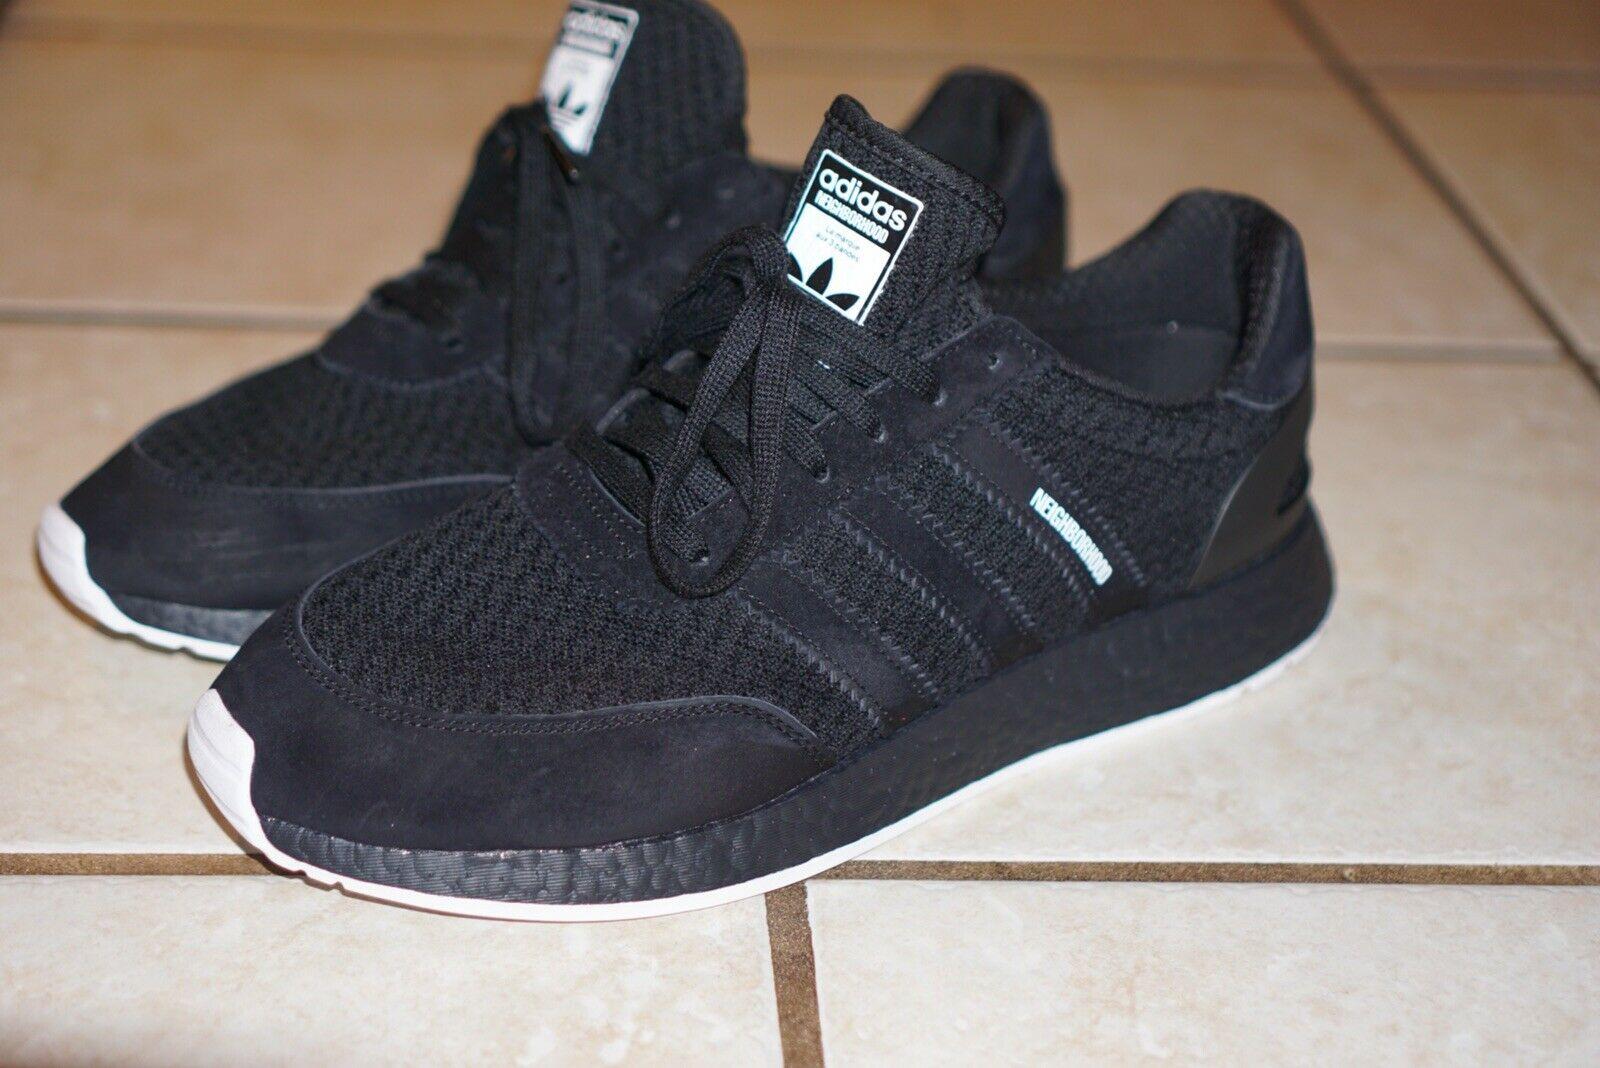 Adidas I 5923 Neighborhood Core Black